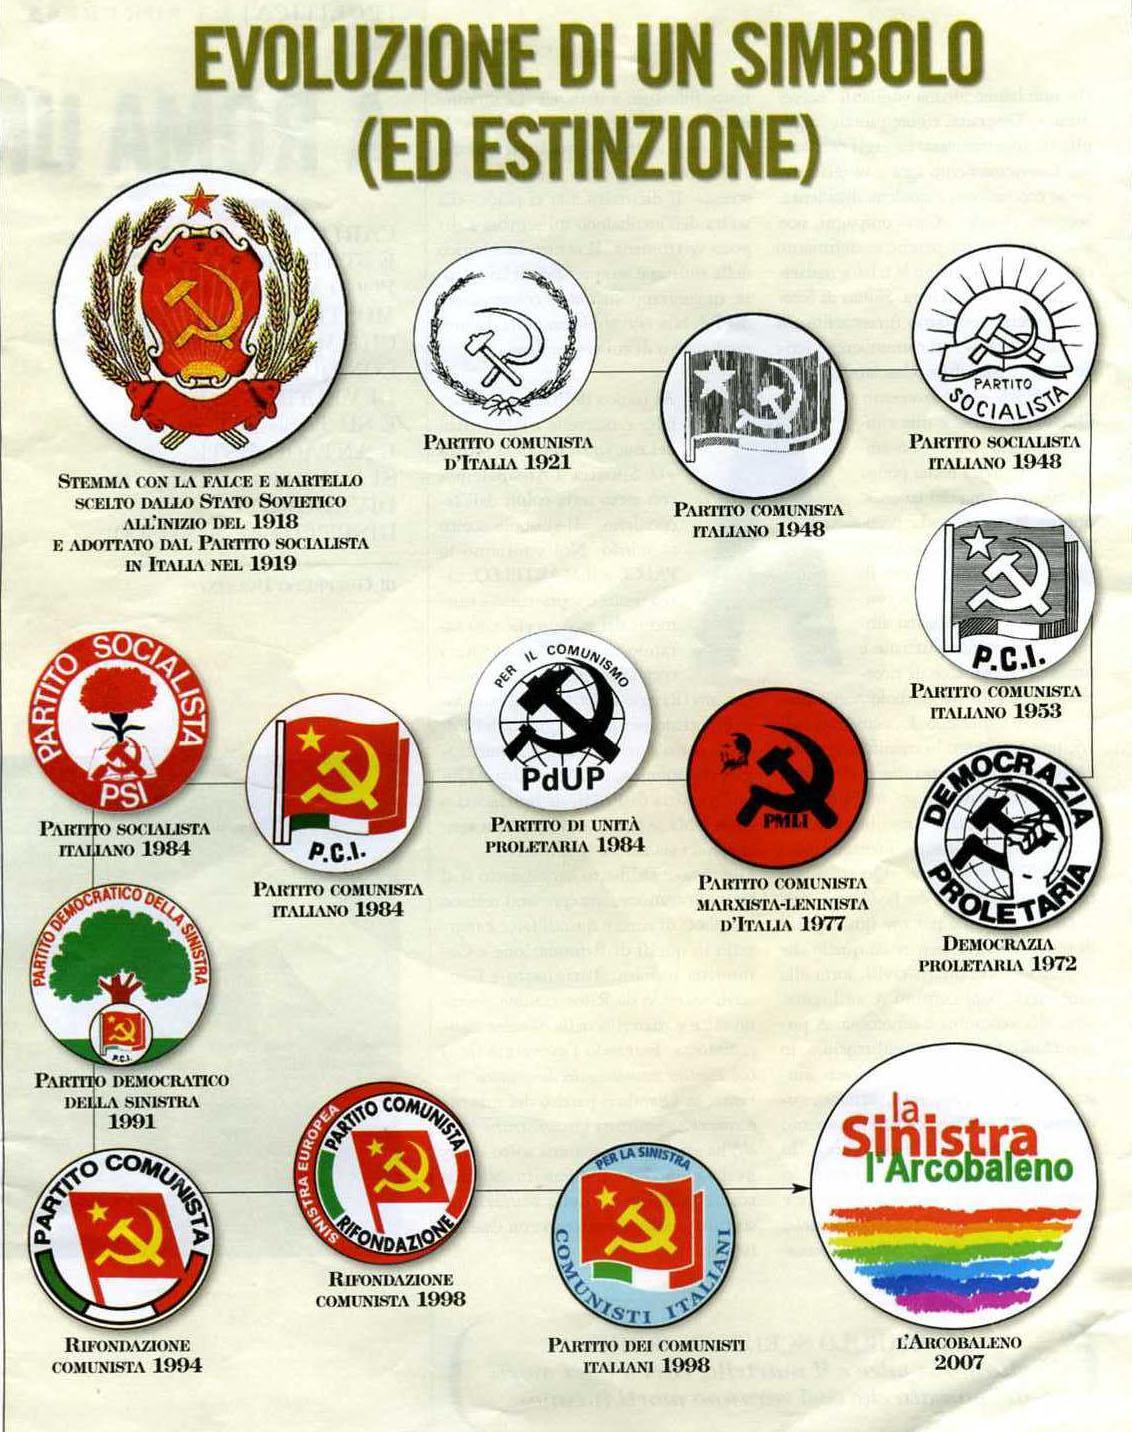 Simboli da PCI a PD LaSinistra